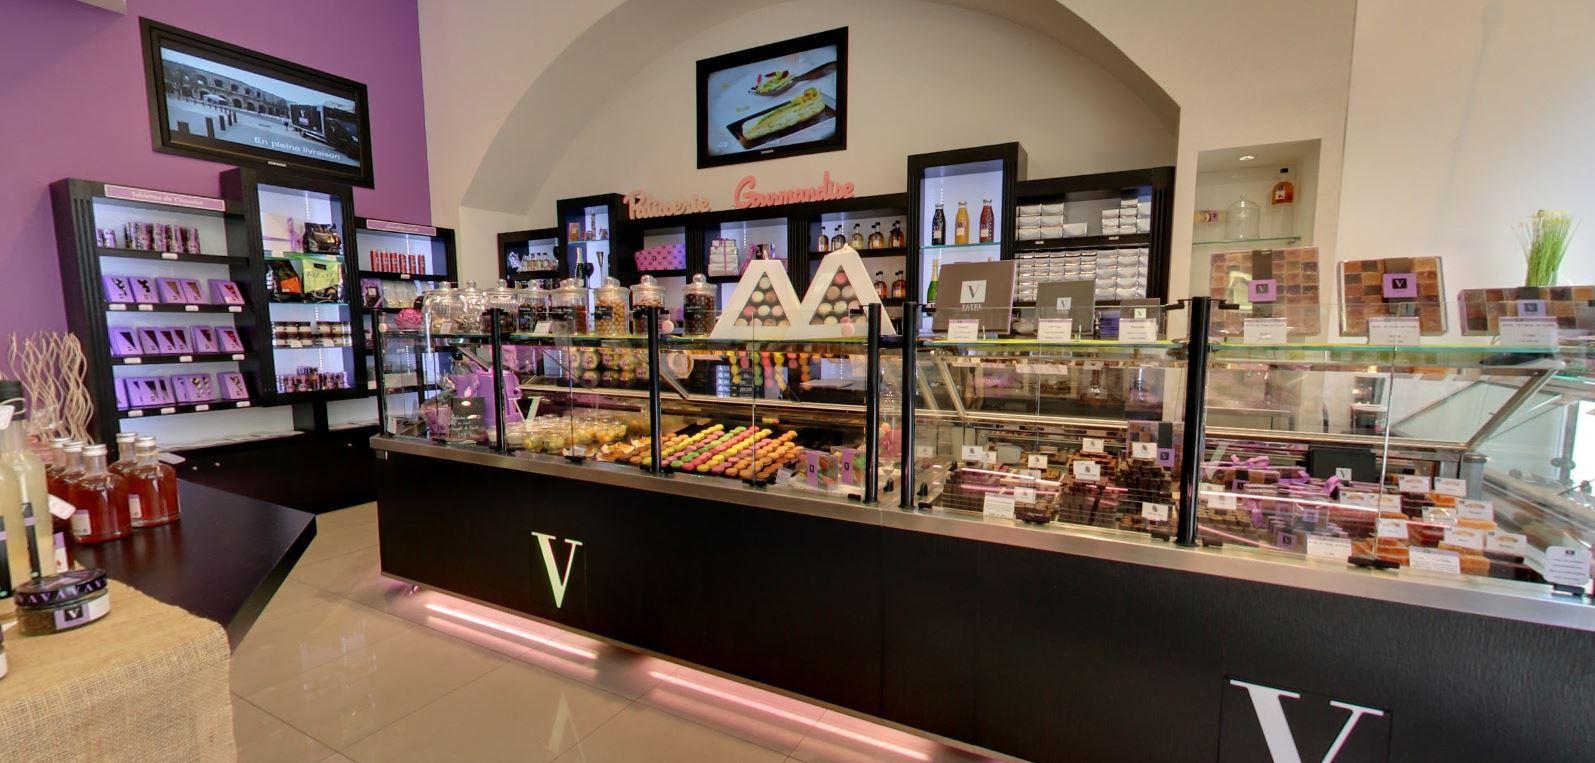 La boutique du Vatel Gourmet à Carnot